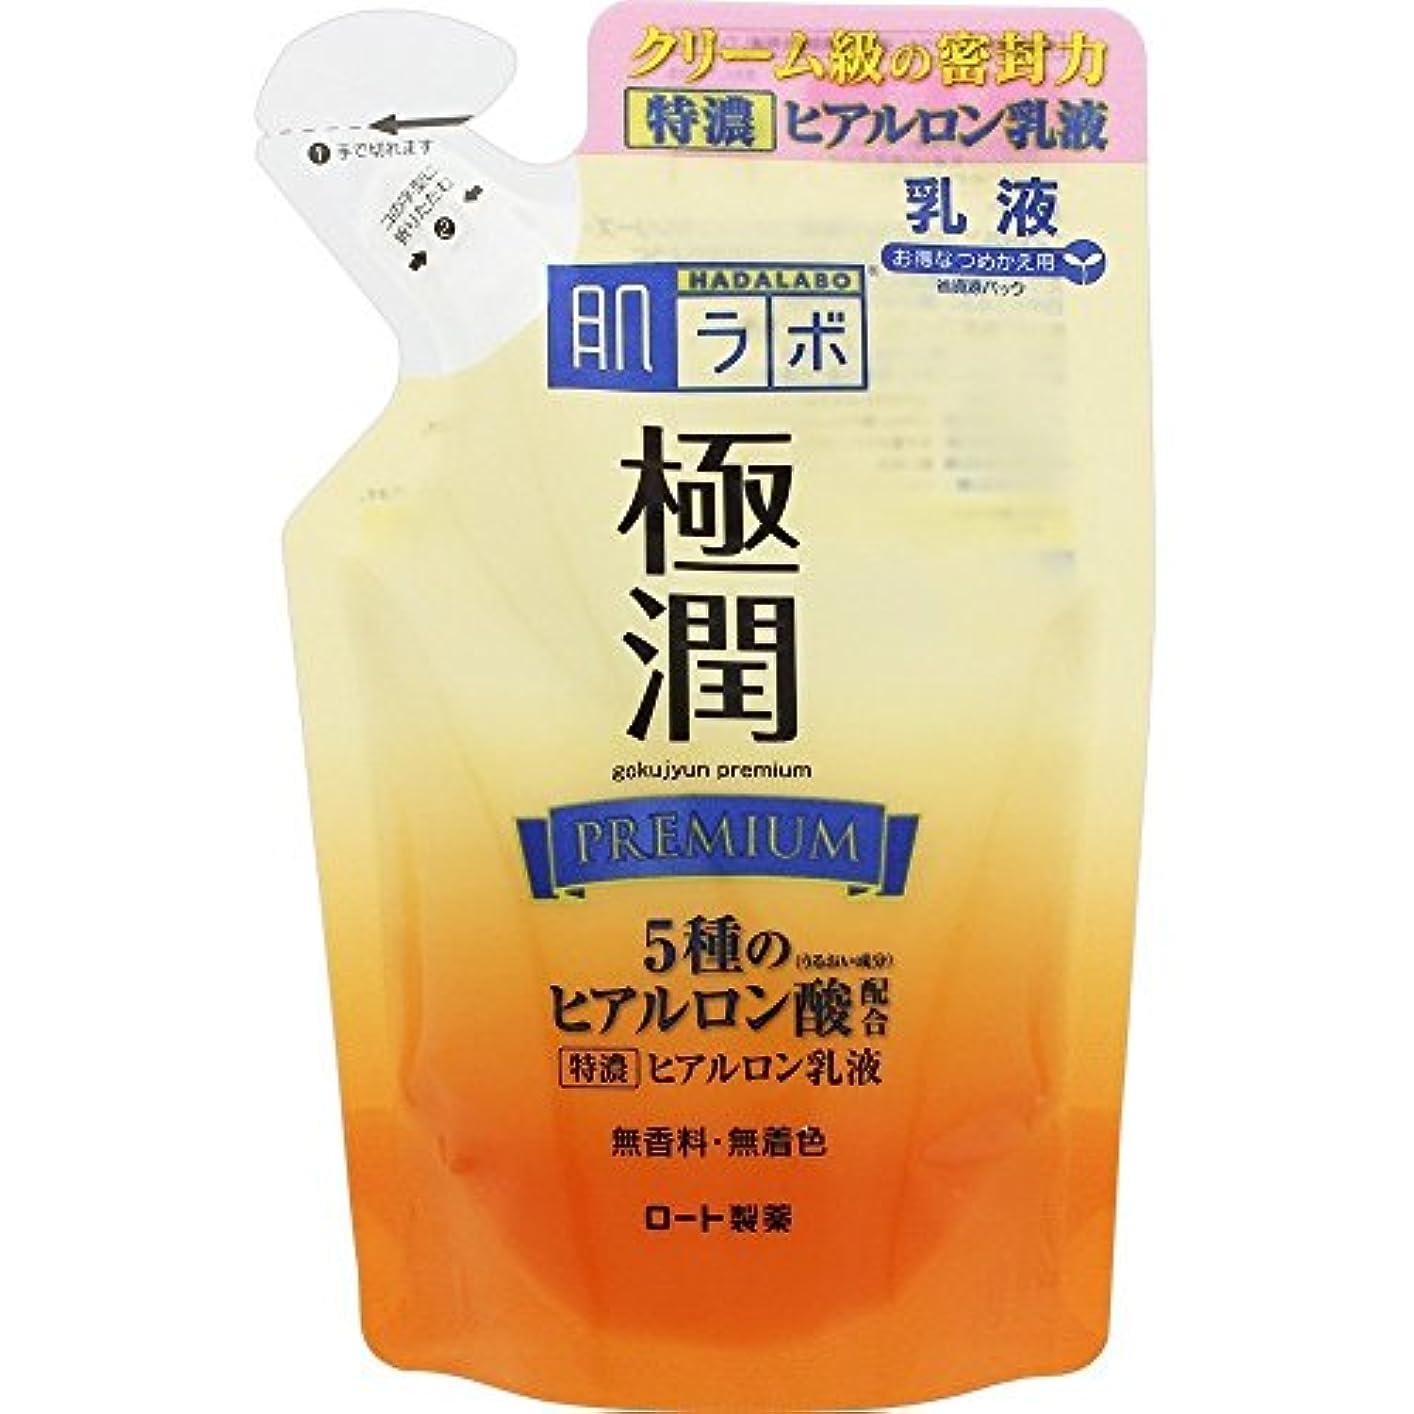 ガソリン同様に人間肌ラボ 極潤プレミアム ヒアルロン乳液 <つめかえ用> 140mL